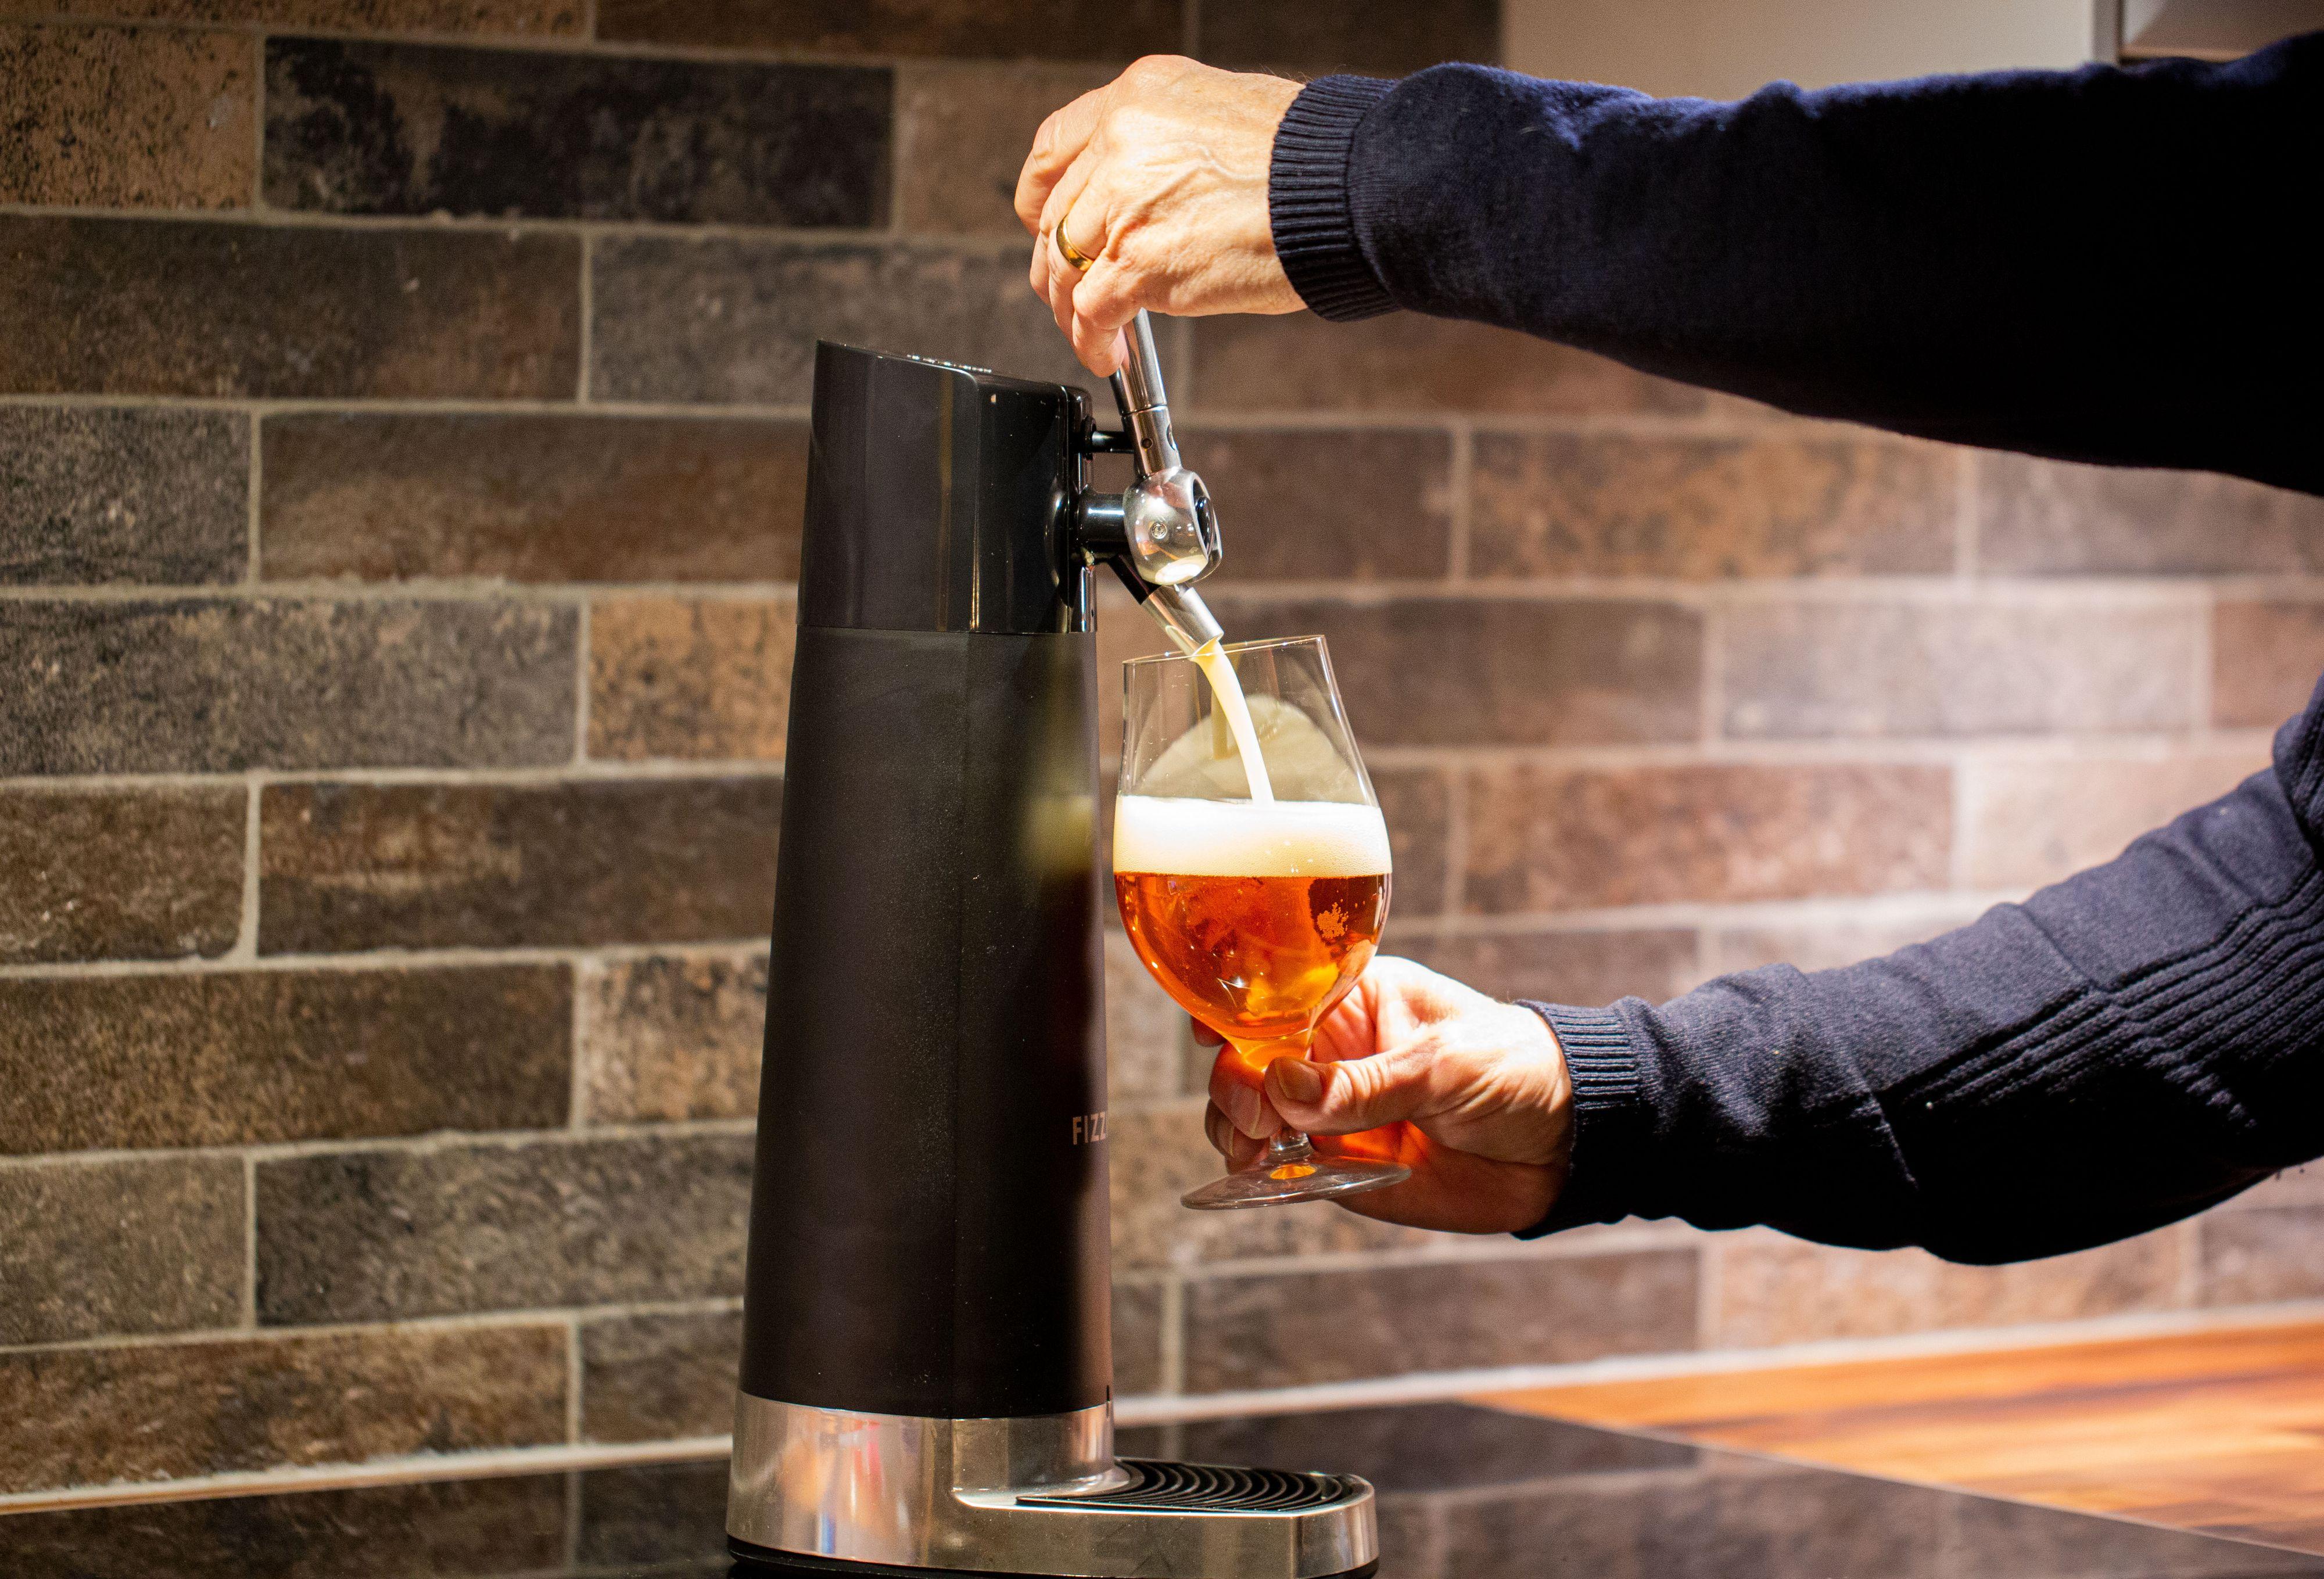 Etter omtrent 2/3 av ølen er i glasset bytter du til å dytte håndtaket vekk fra deg. Da aktiveres maskinens «lydbølge»-system, som skaper et enormt skumhode på toppen av ølen.